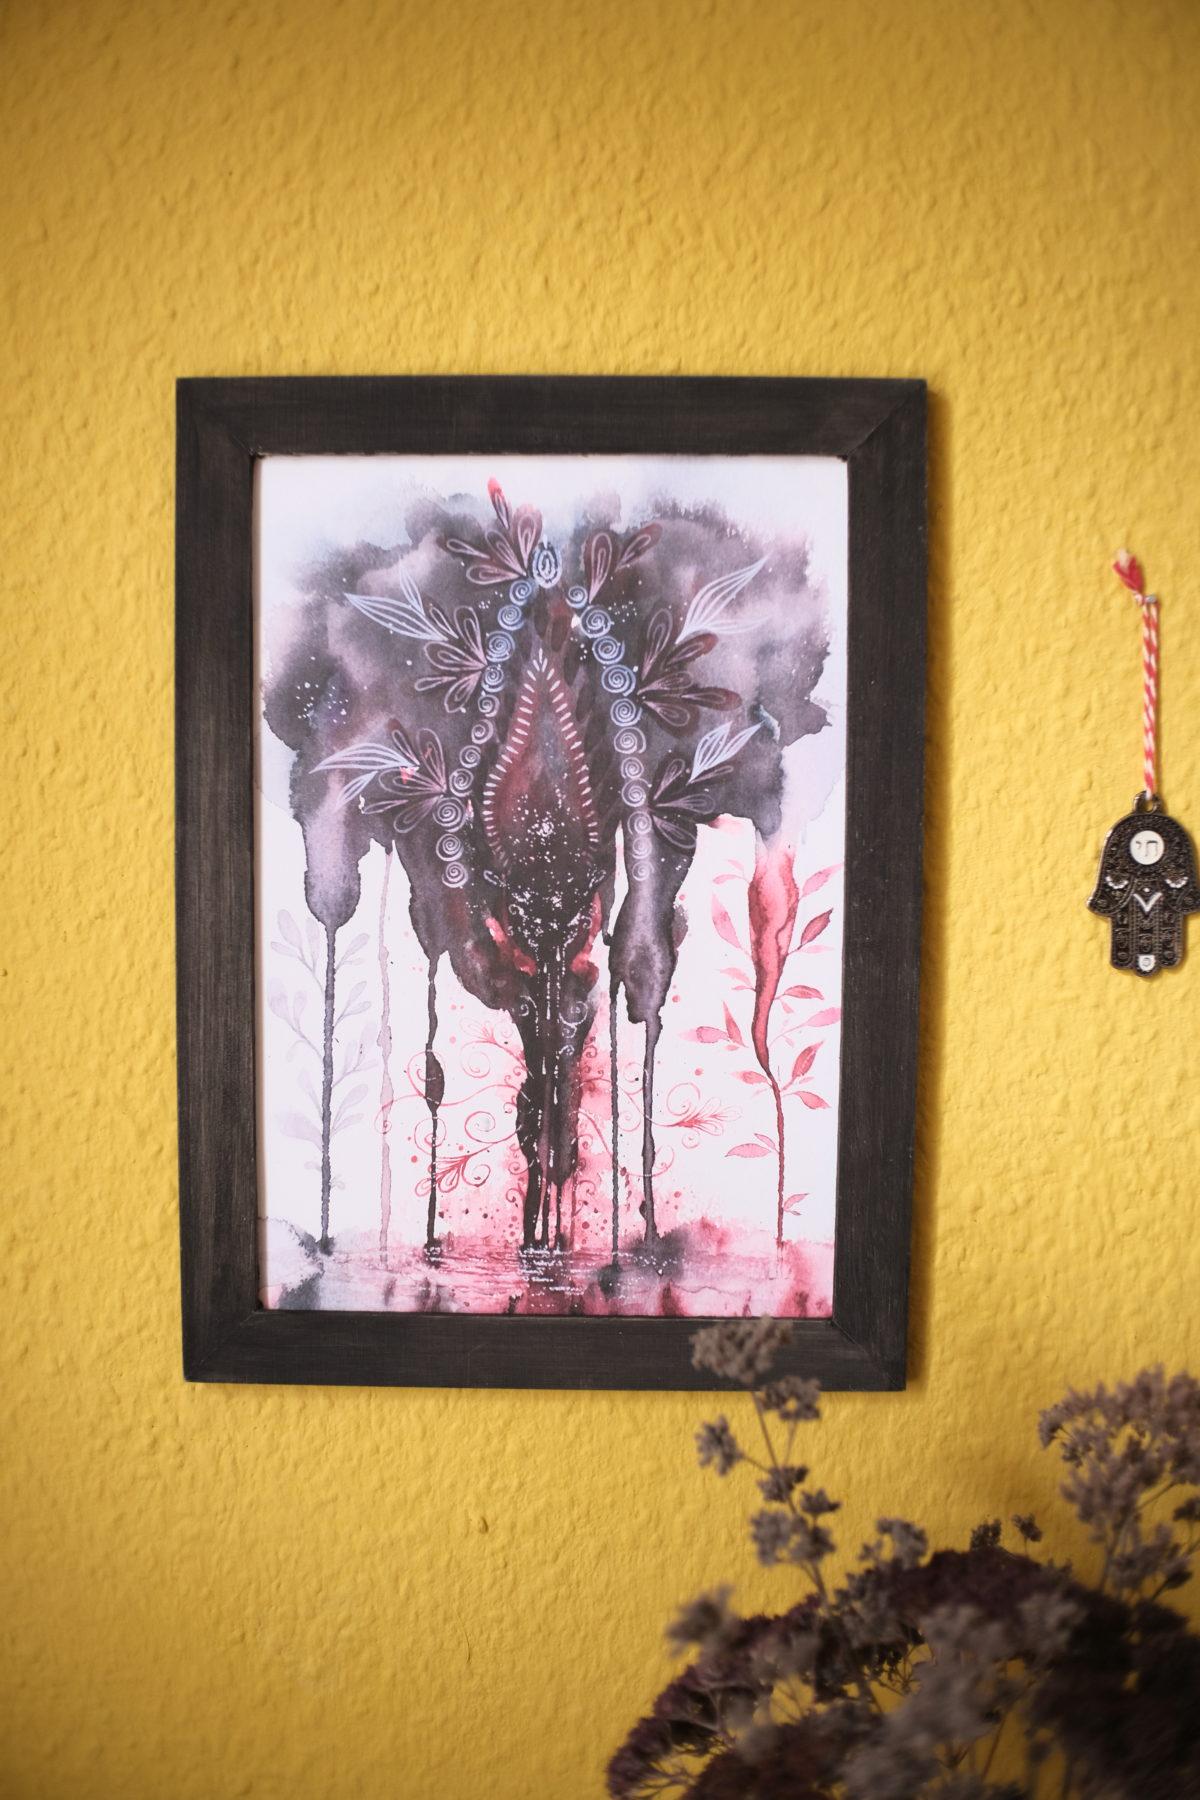 yoni im fluss zyklus menstruation periode yonivers maria und der pinsel feminine öko artprints aquarell nachhaltige kunst